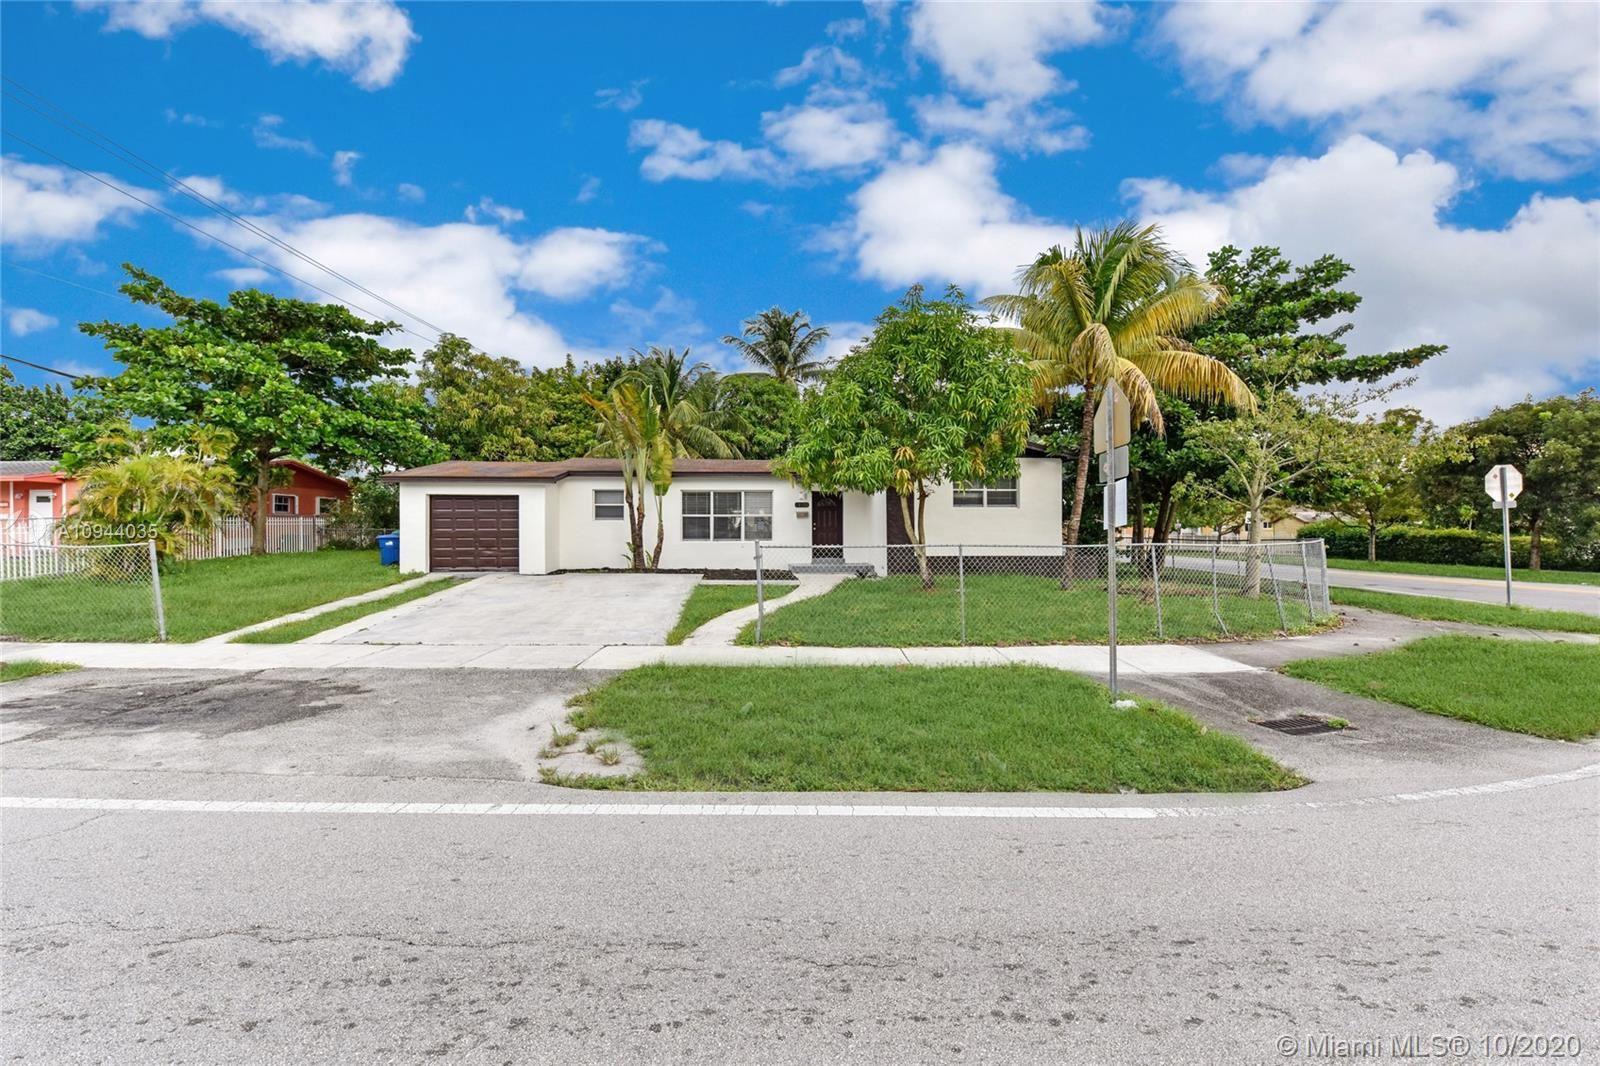 19101 NW 12th Ave, Miami Gardens, FL 33169 - #: A10944035